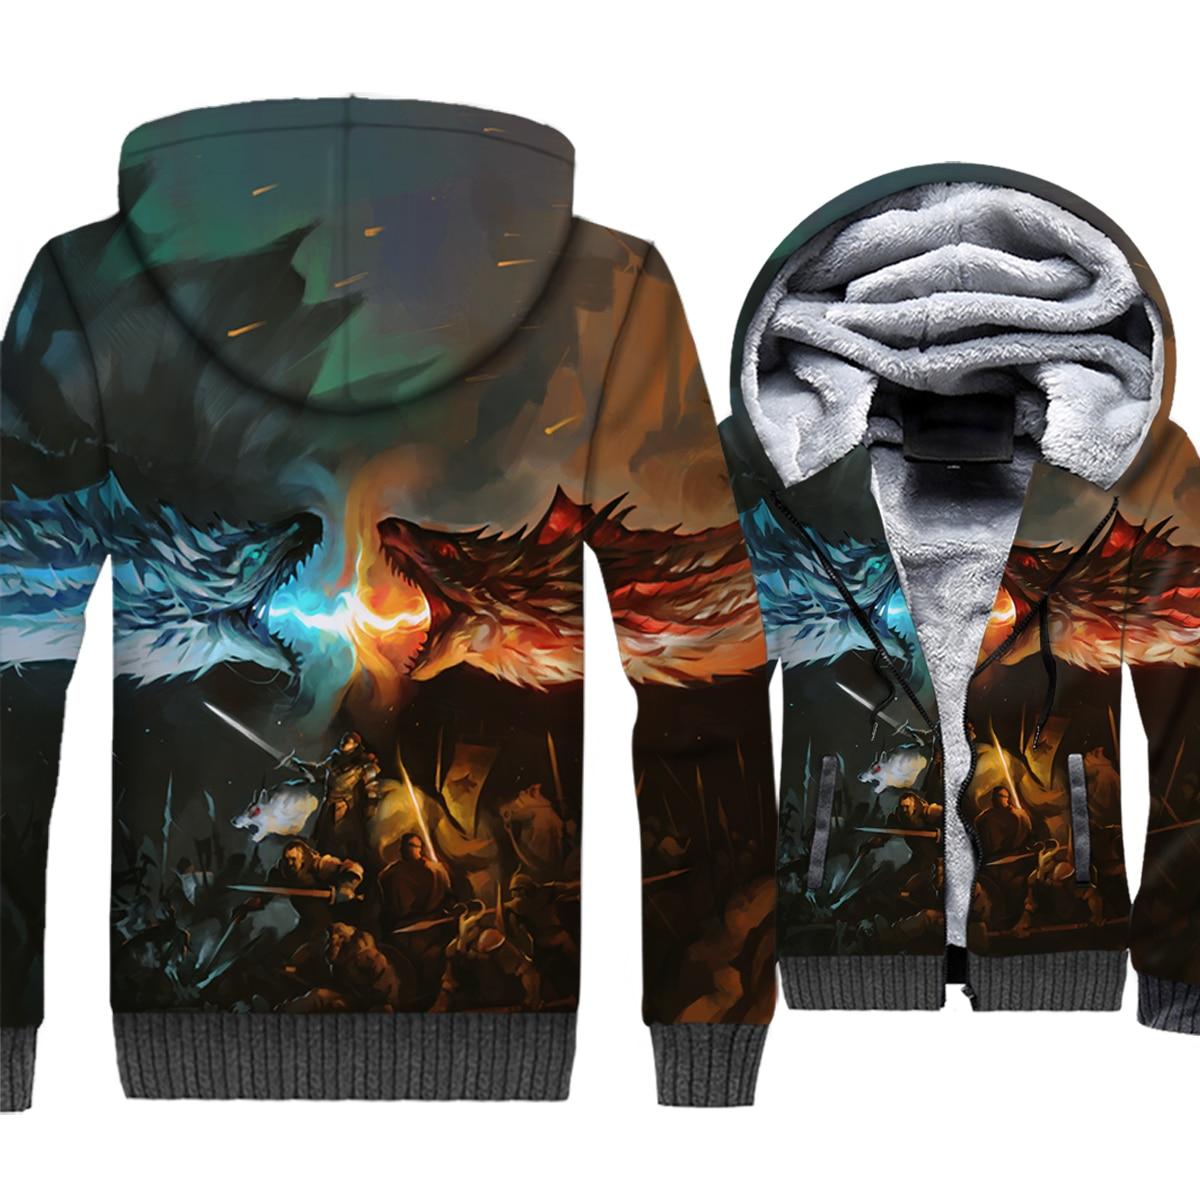 Game of Thrones Jacket Men 3D Hoodies House Targaryen Dany Dragon Sweatshirt 2018 Winter Thick Fleece Coat Hip Hop Streetwear